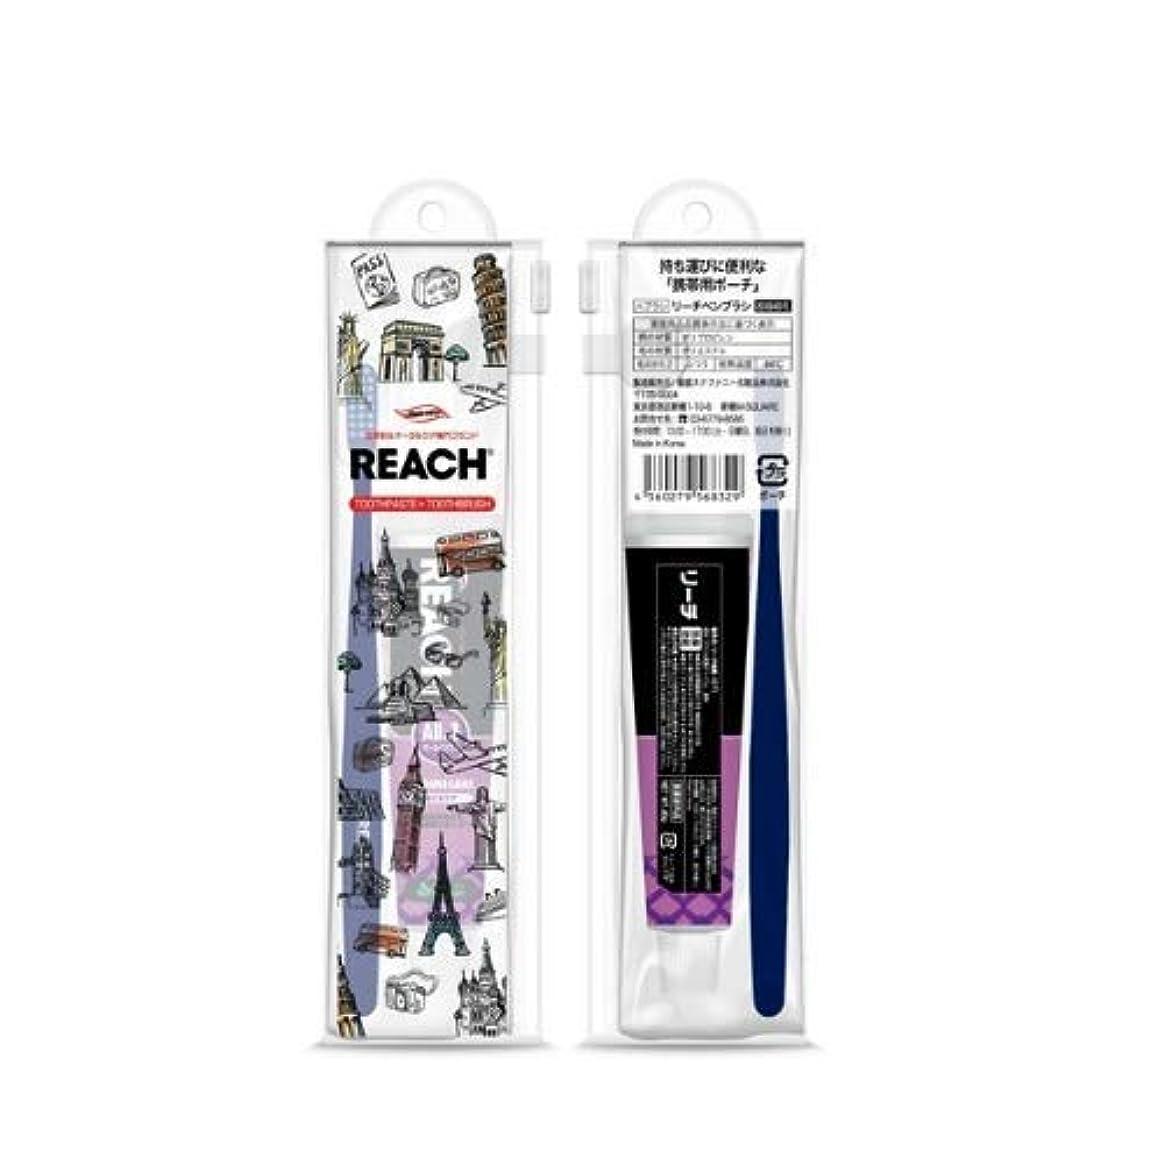 少数スマッシュ湿度リーチトラベルセット(デンタル歯ブラシ1本?薬用歯みがき40g) × 2個セット